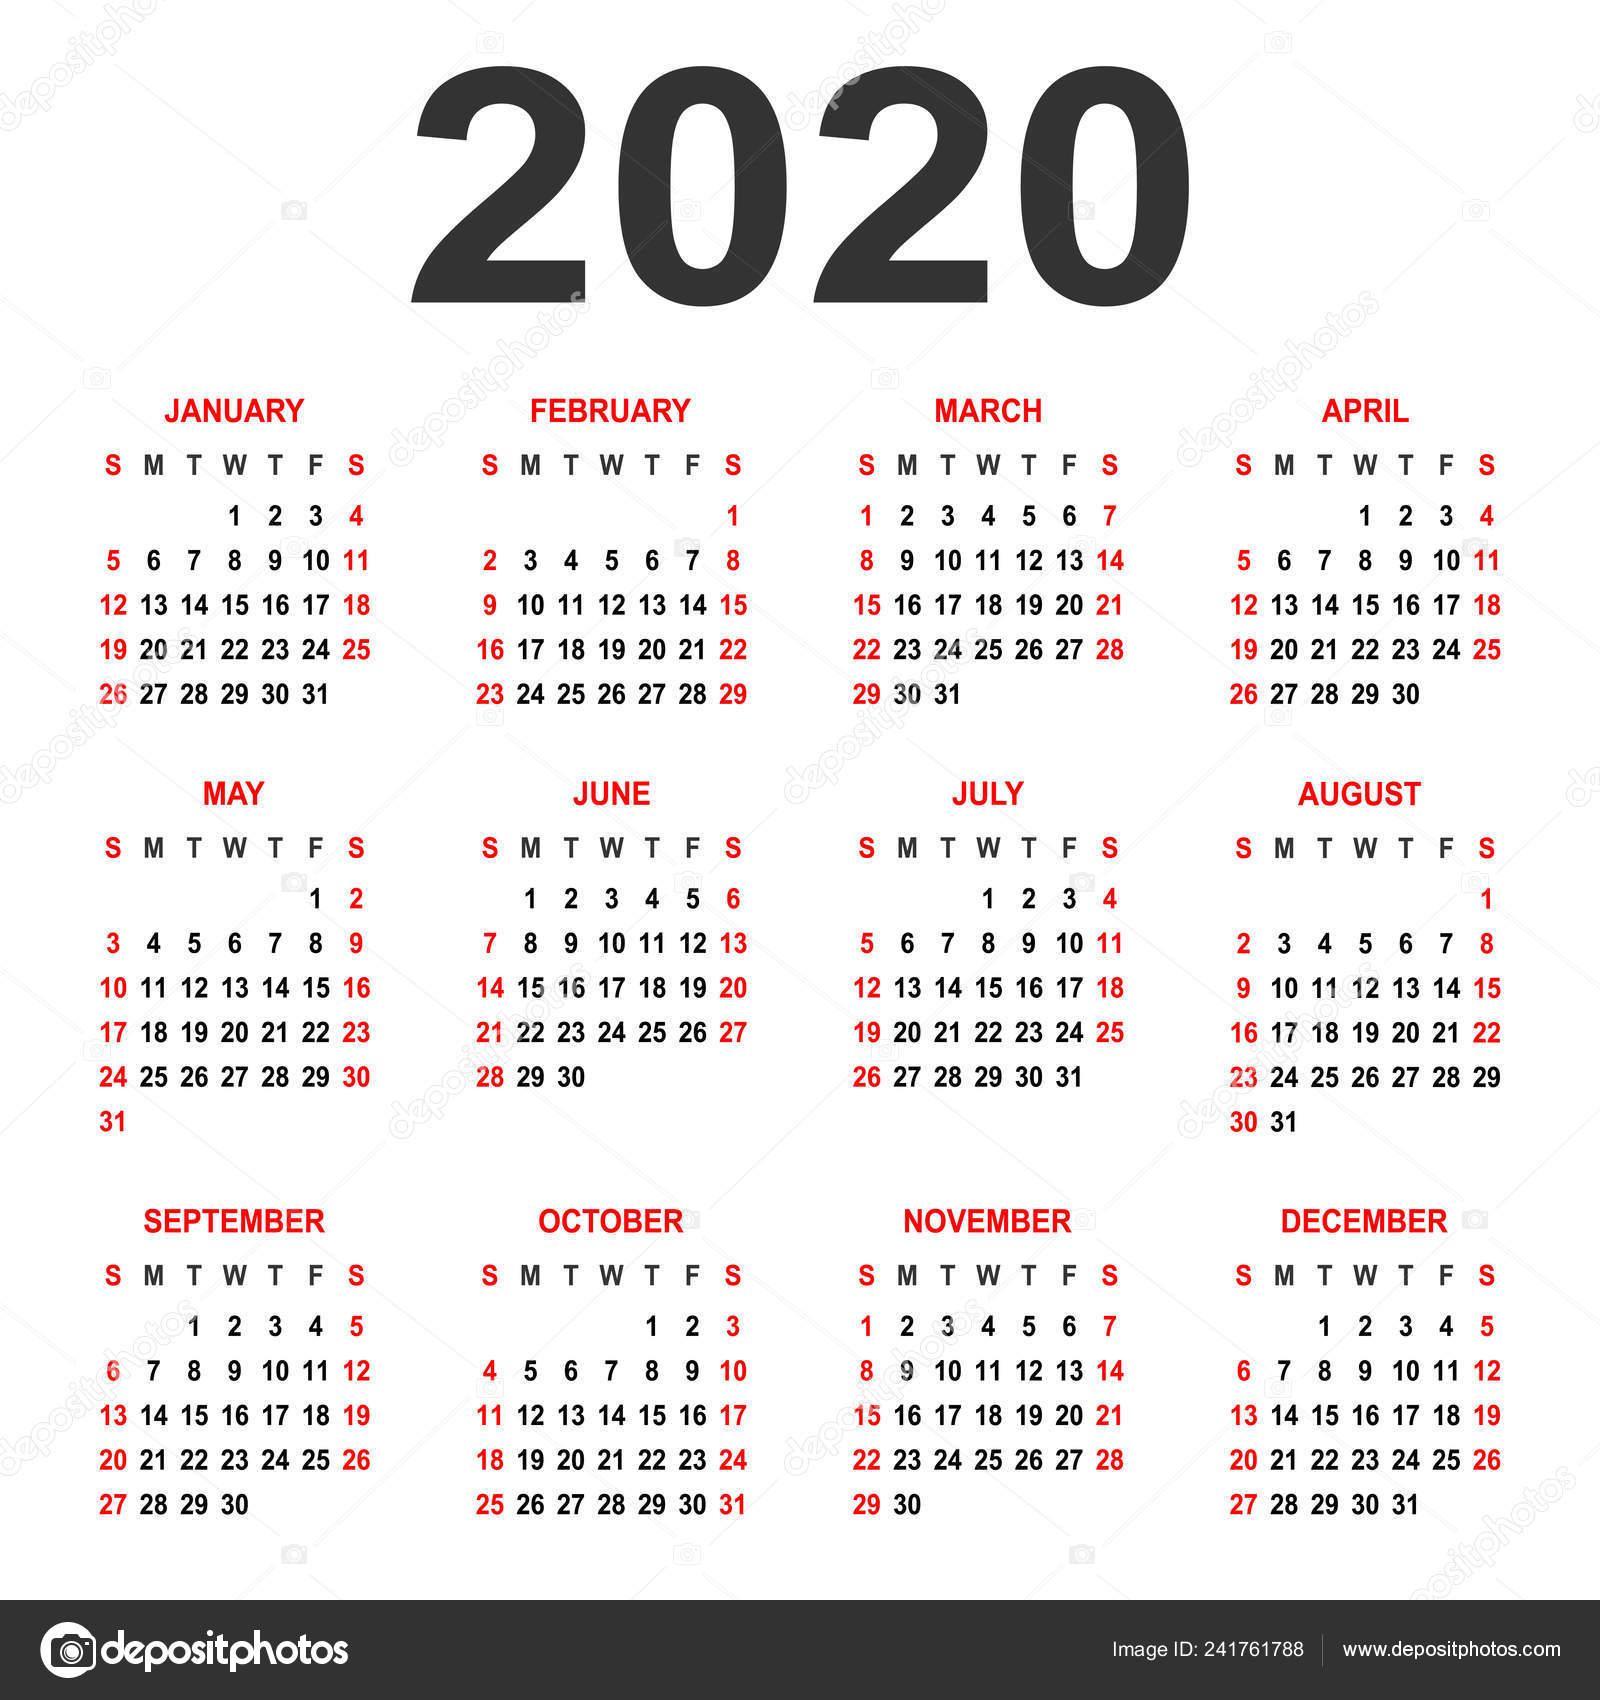 Calendario 2020 Brasil Com Feriados.Calendario 2020 Semana Comeca Domingo Grade Basica Modelo